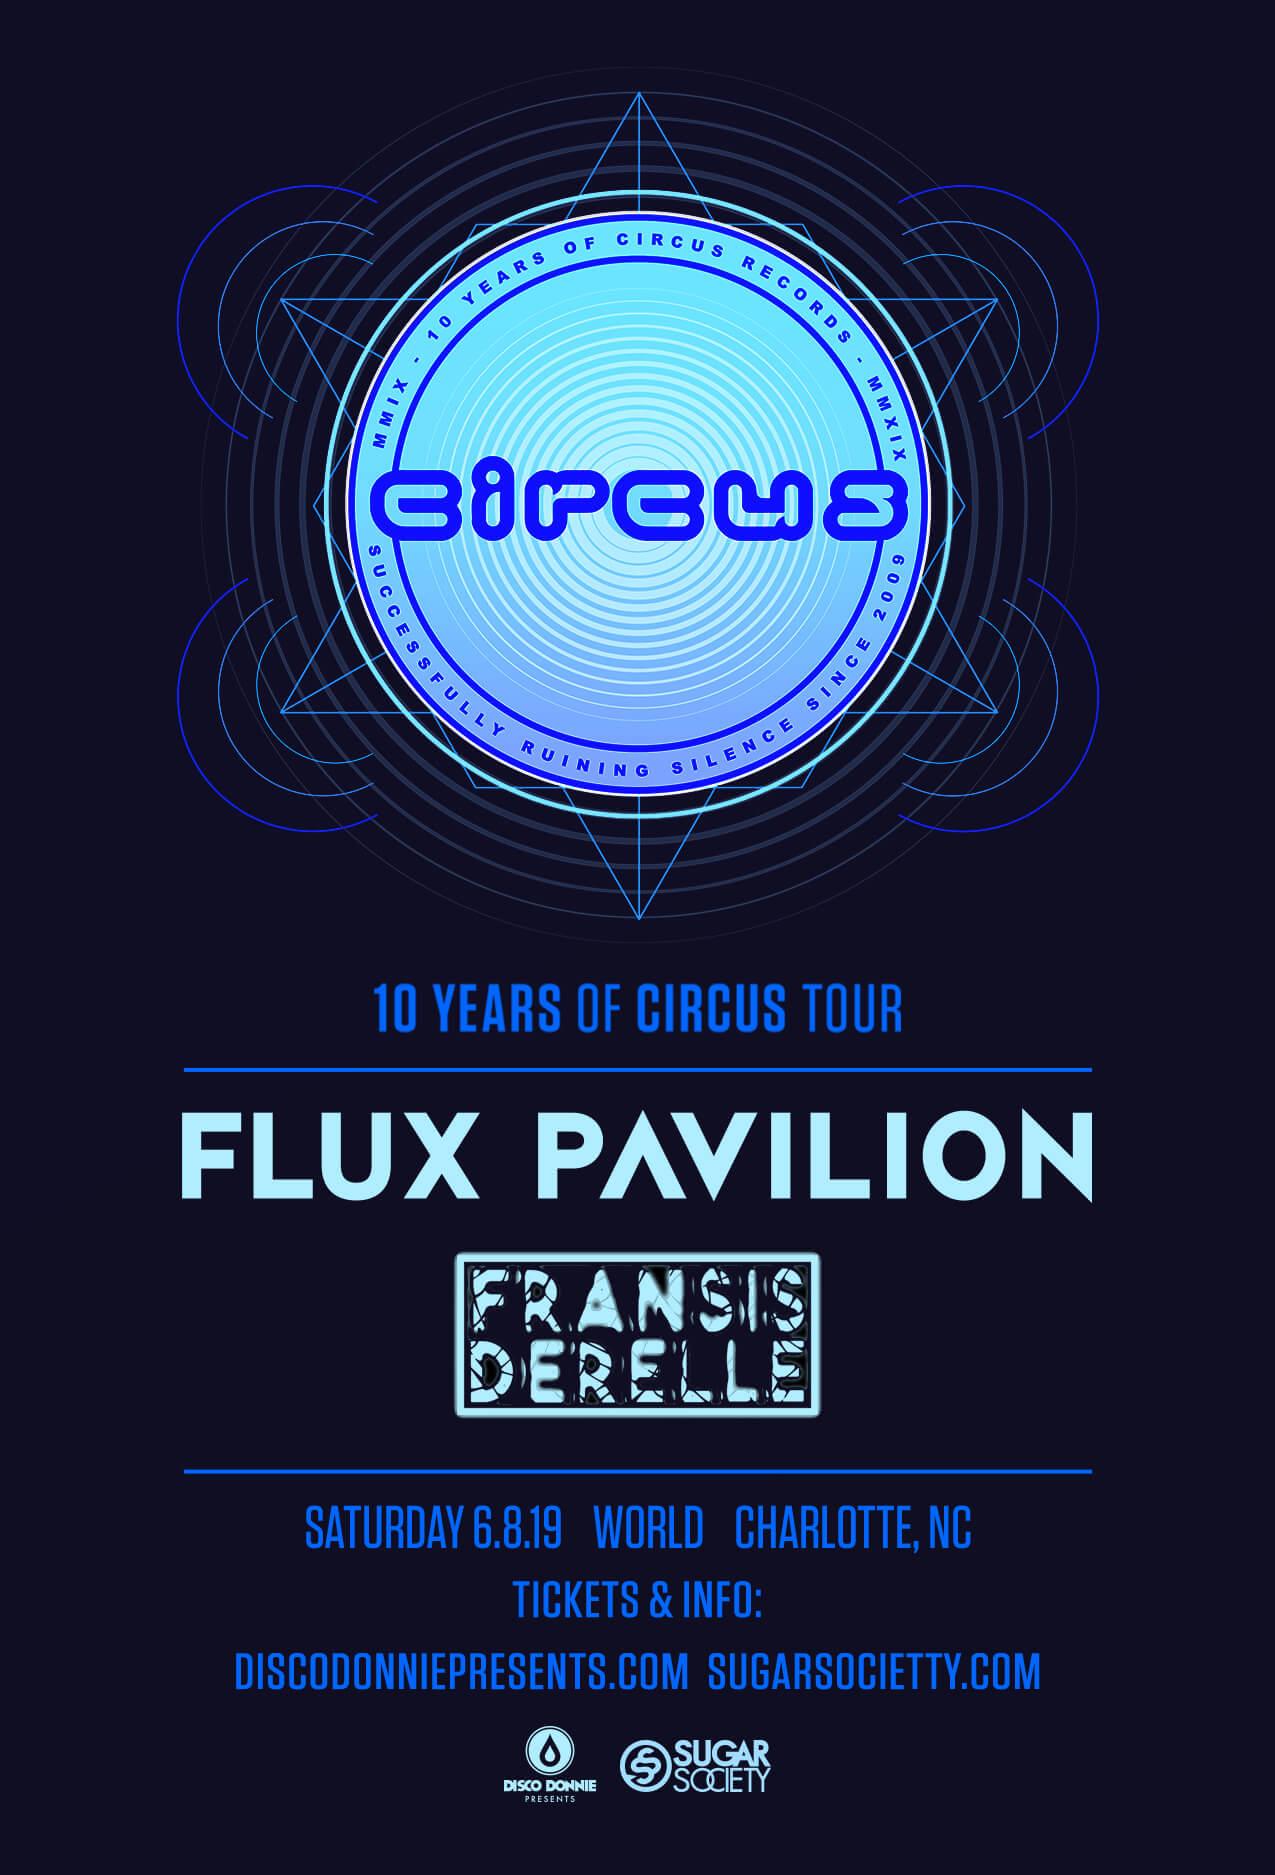 Flux Pavilion, Fransis Derelle in Charlotte